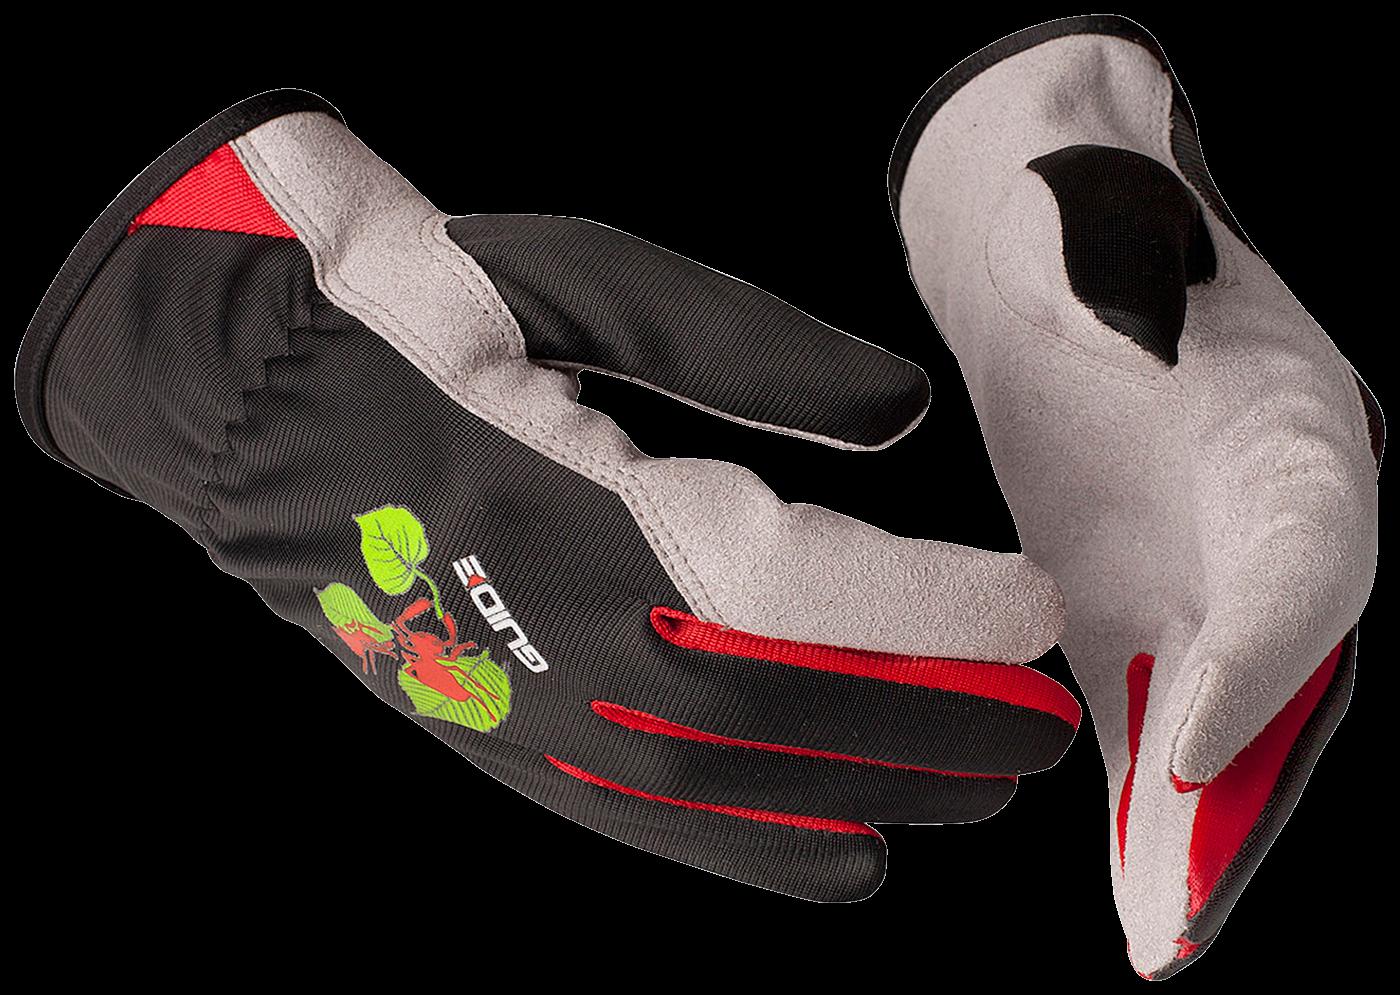 Gardening Glove GUIDE 7610